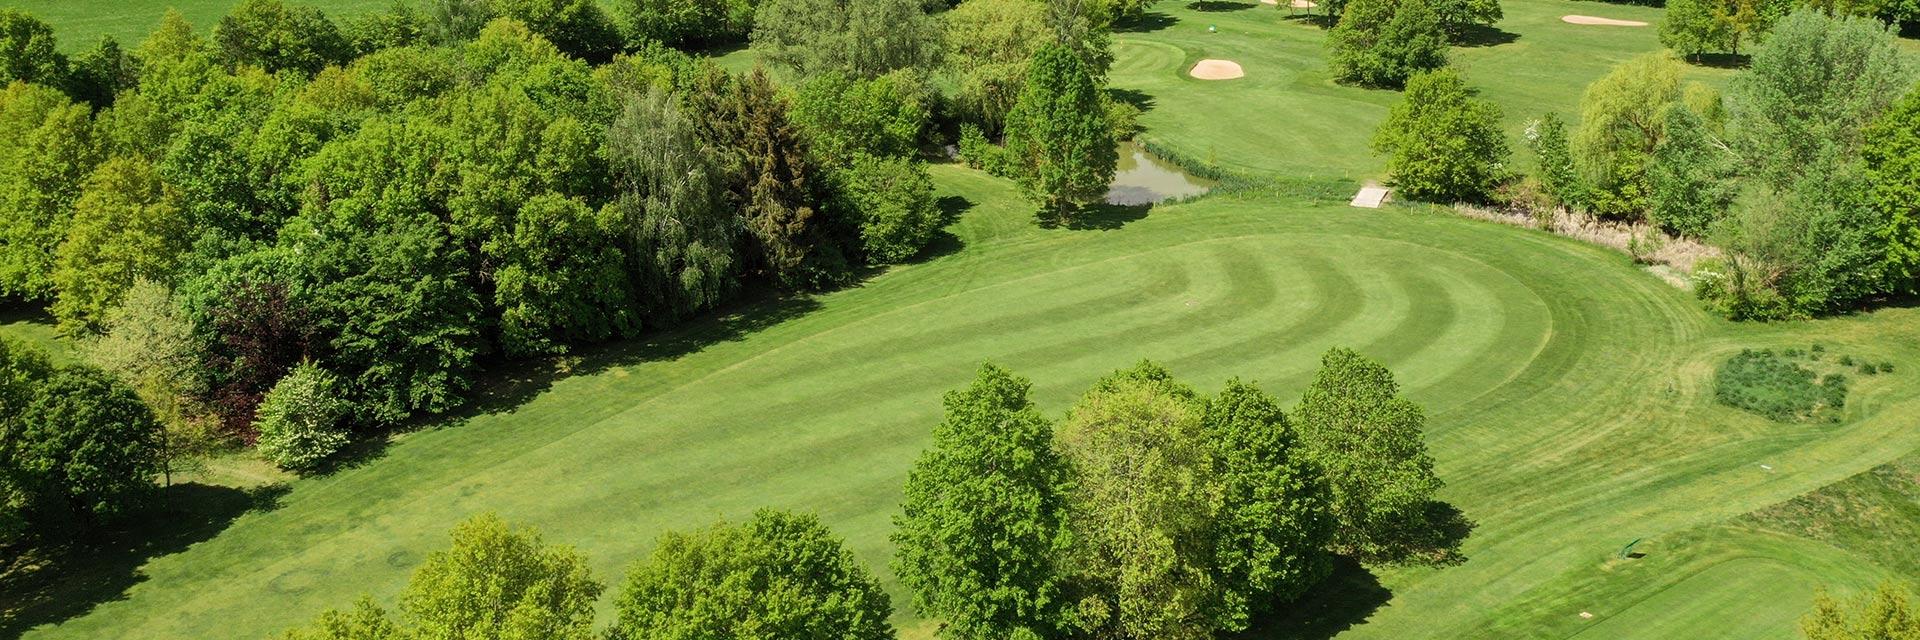 Golfanlage_Mai_08-25